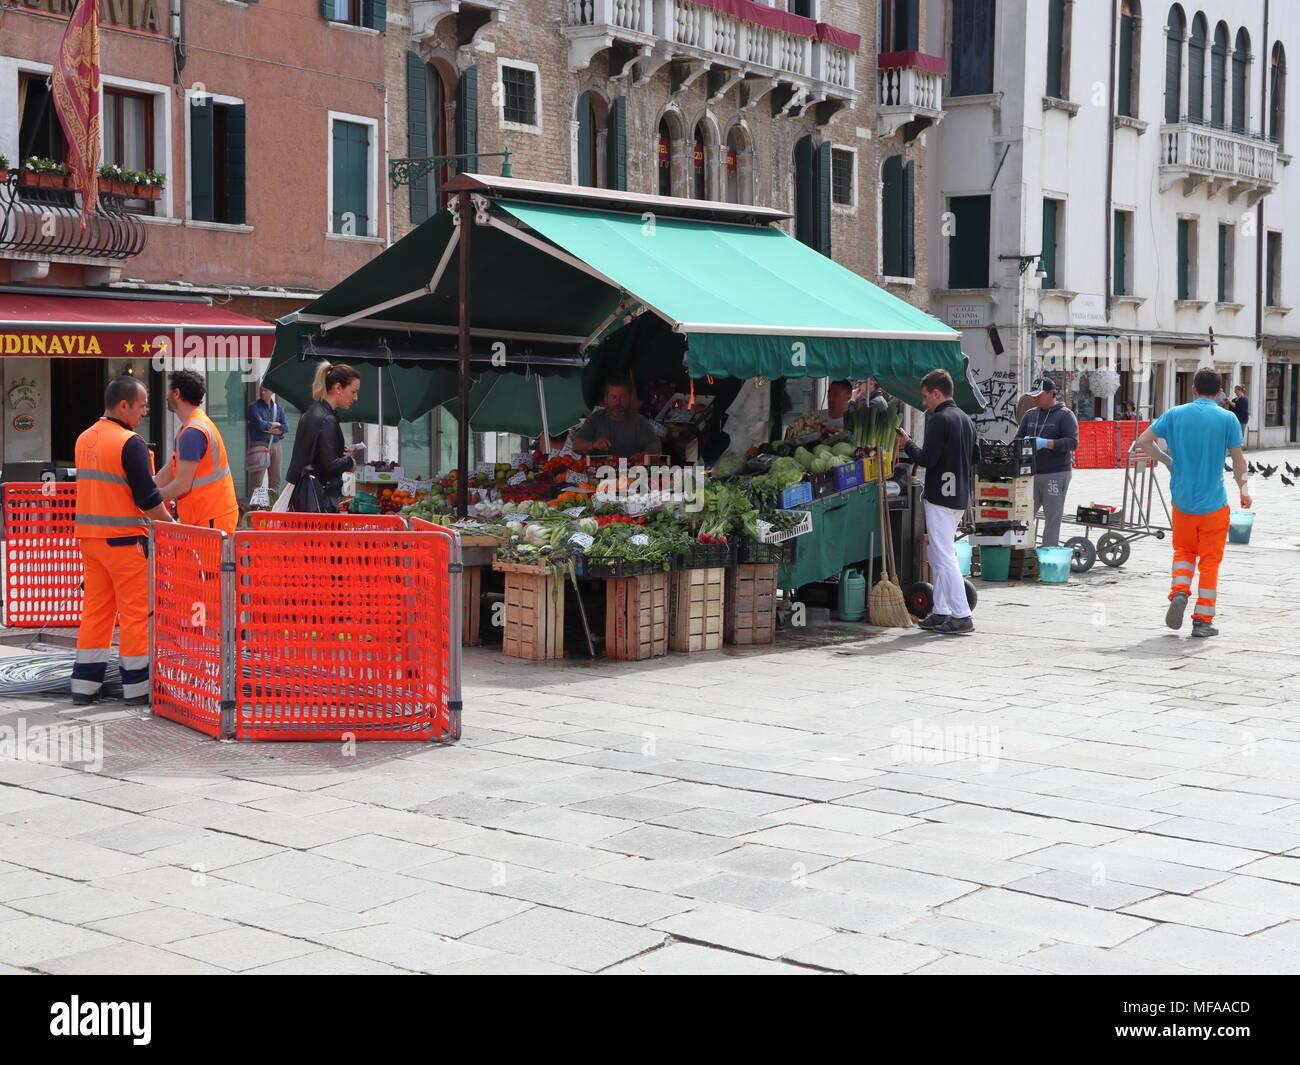 Das alltägliche Leben in Venedig, Markt mit Gemüse, Bauarbeiter, Italien, Europa Stockbild